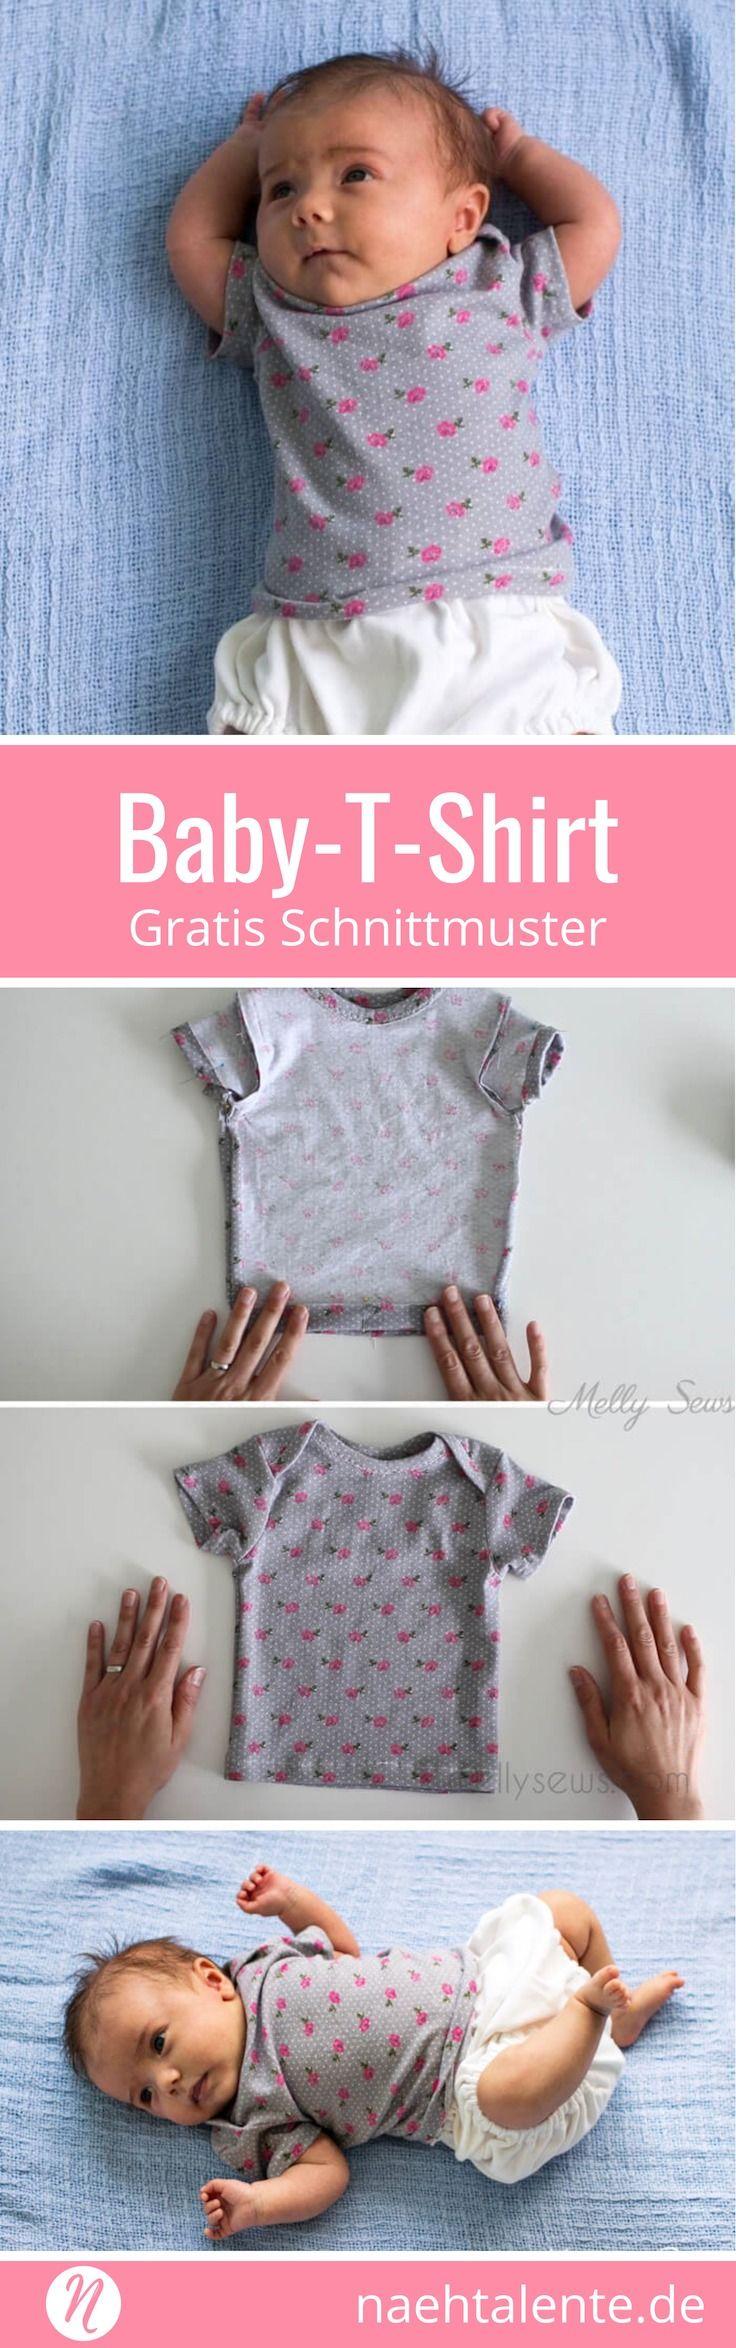 Baby T-Shirt - Freebook für 0 - 3 Monate | Nähtalente #freebookschnittmuster